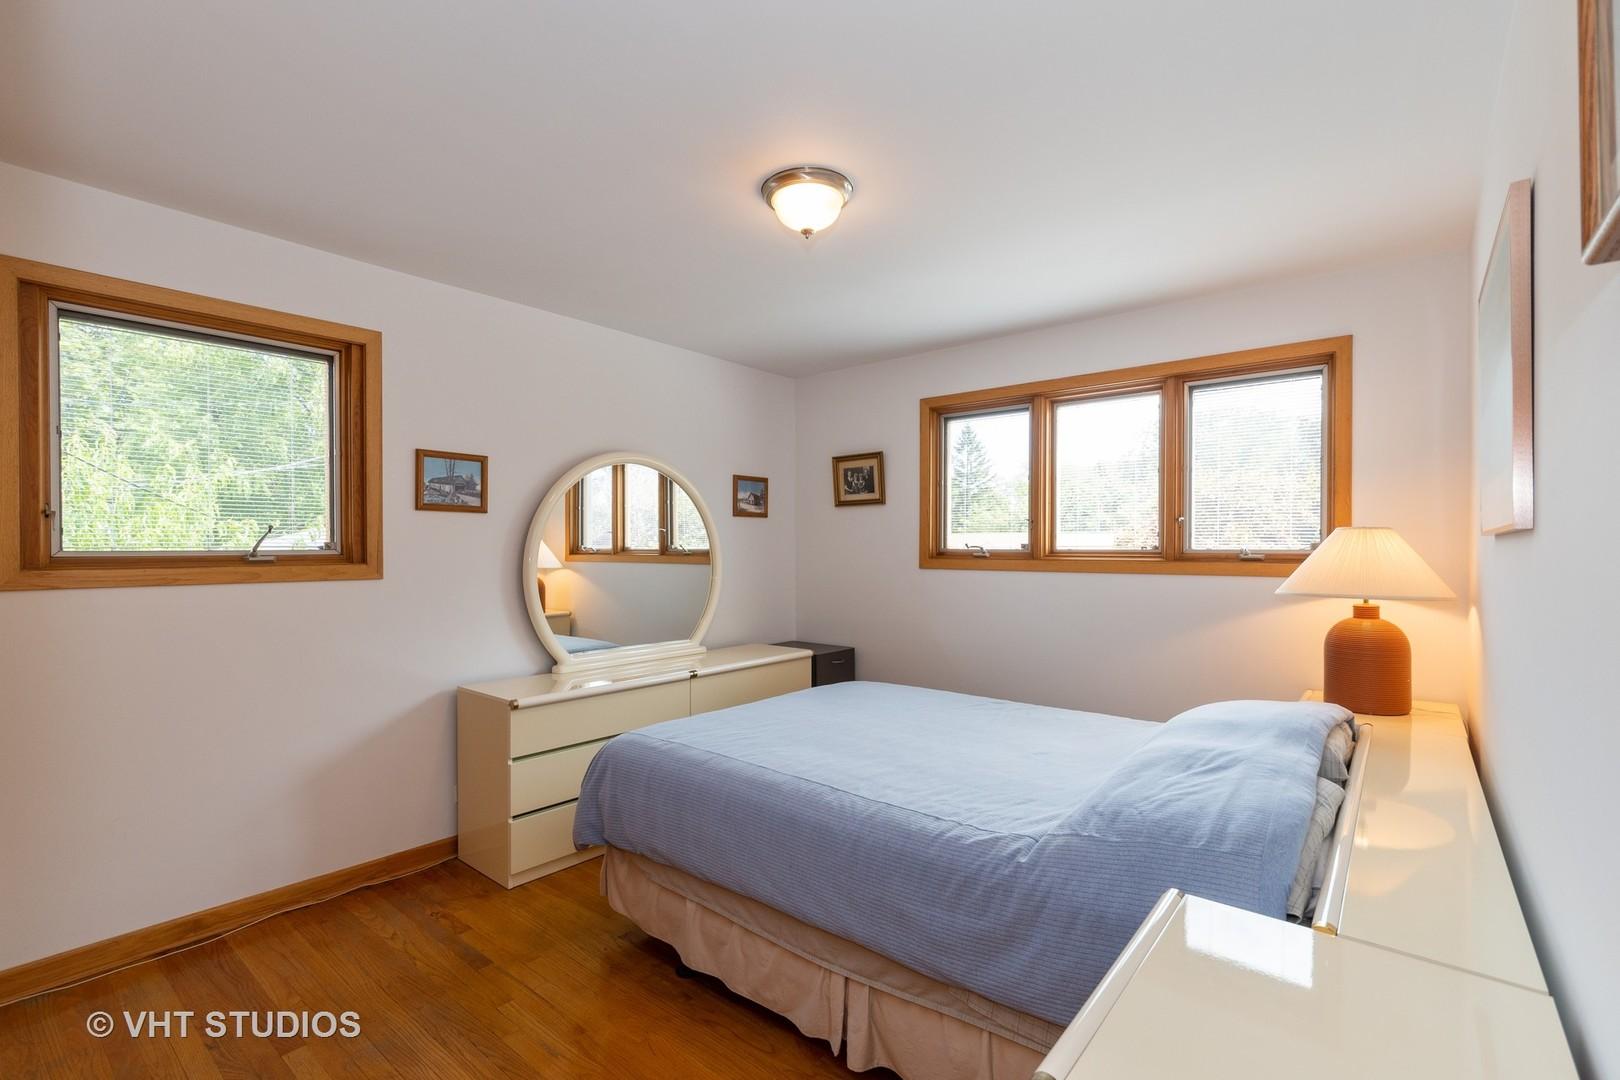 2600 William, Glenview, Illinois, 60025